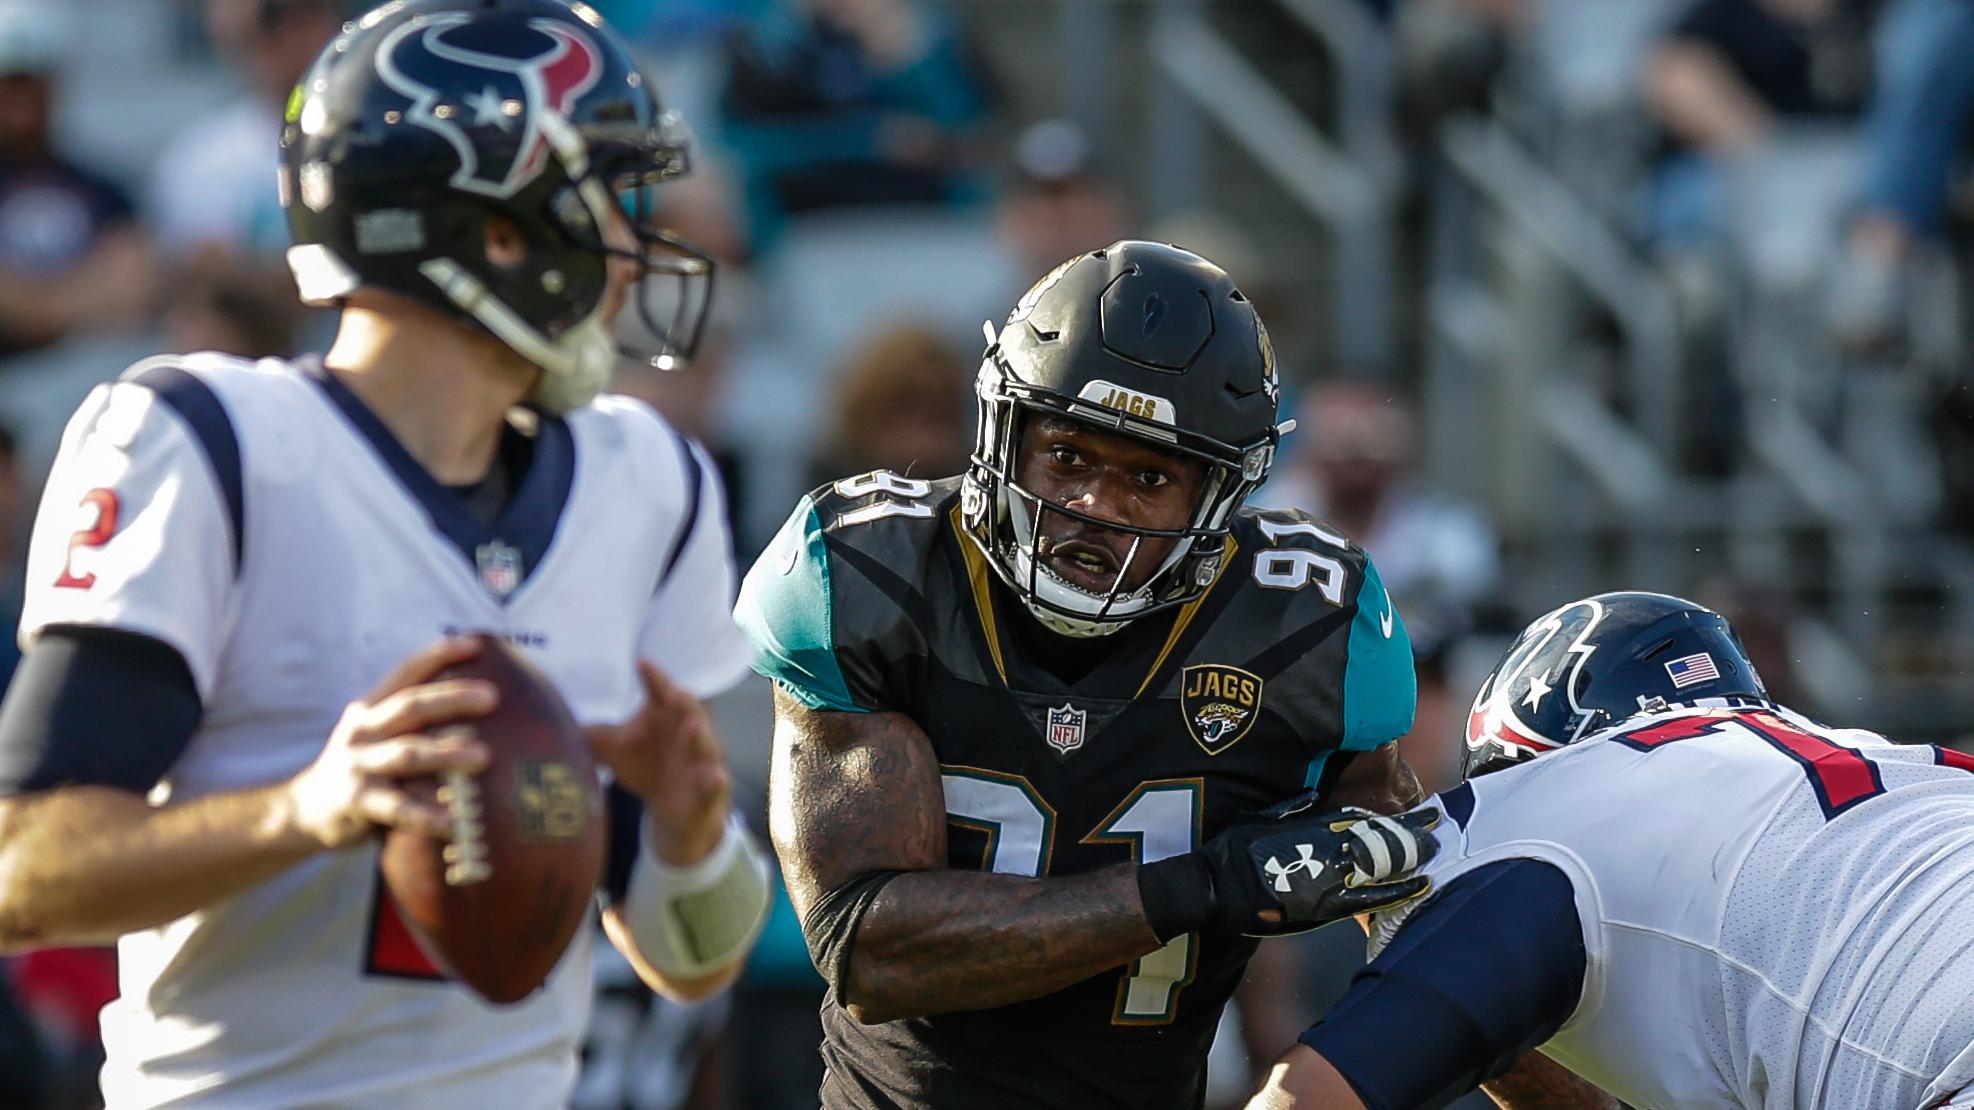 NFL: DEC 17 Texans at Jaguars